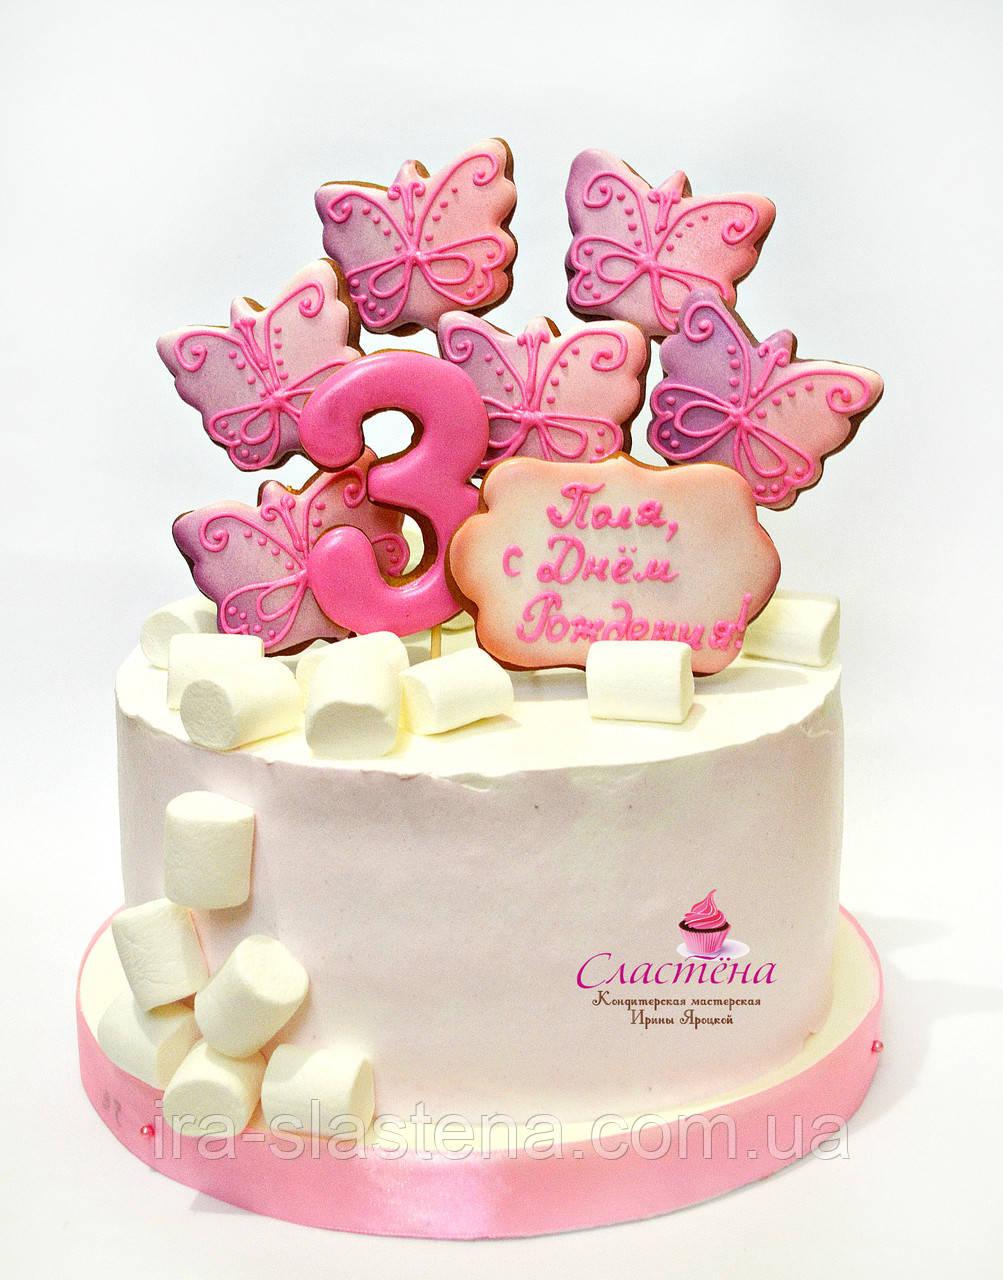 тортики из мастики фото детские для девочек